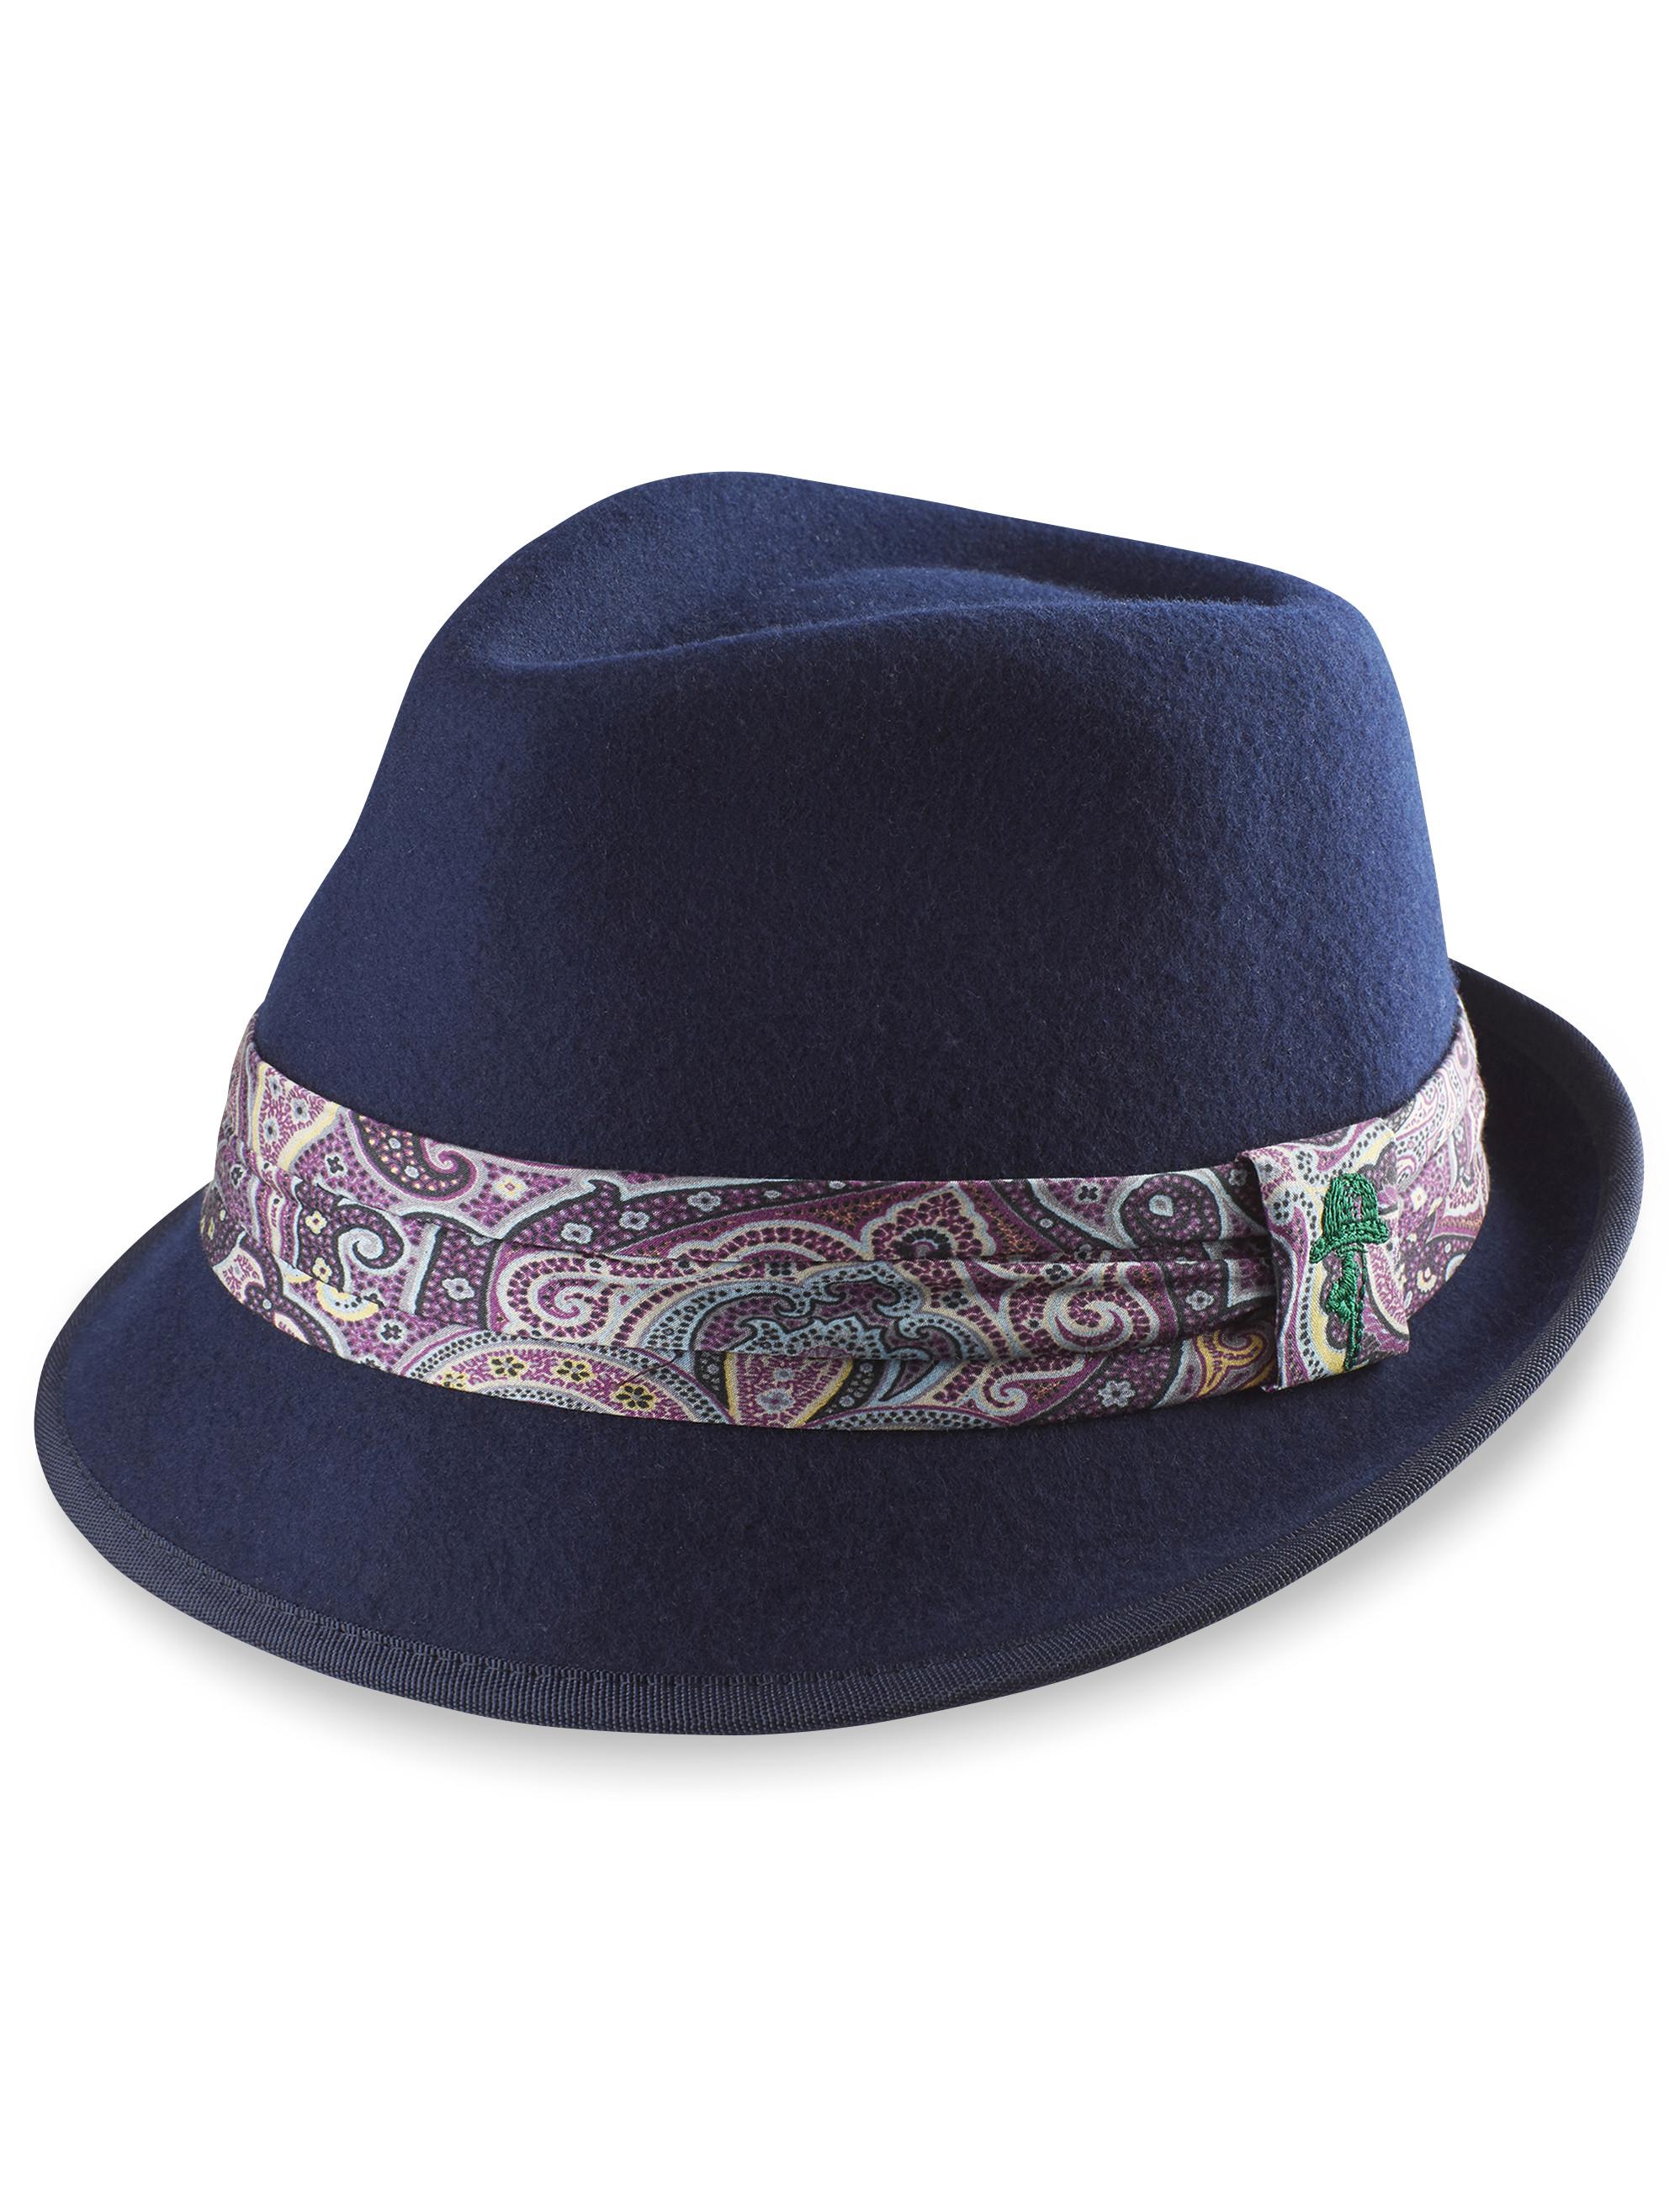 Robert Graham Hats Robert Graham Paladino Wool